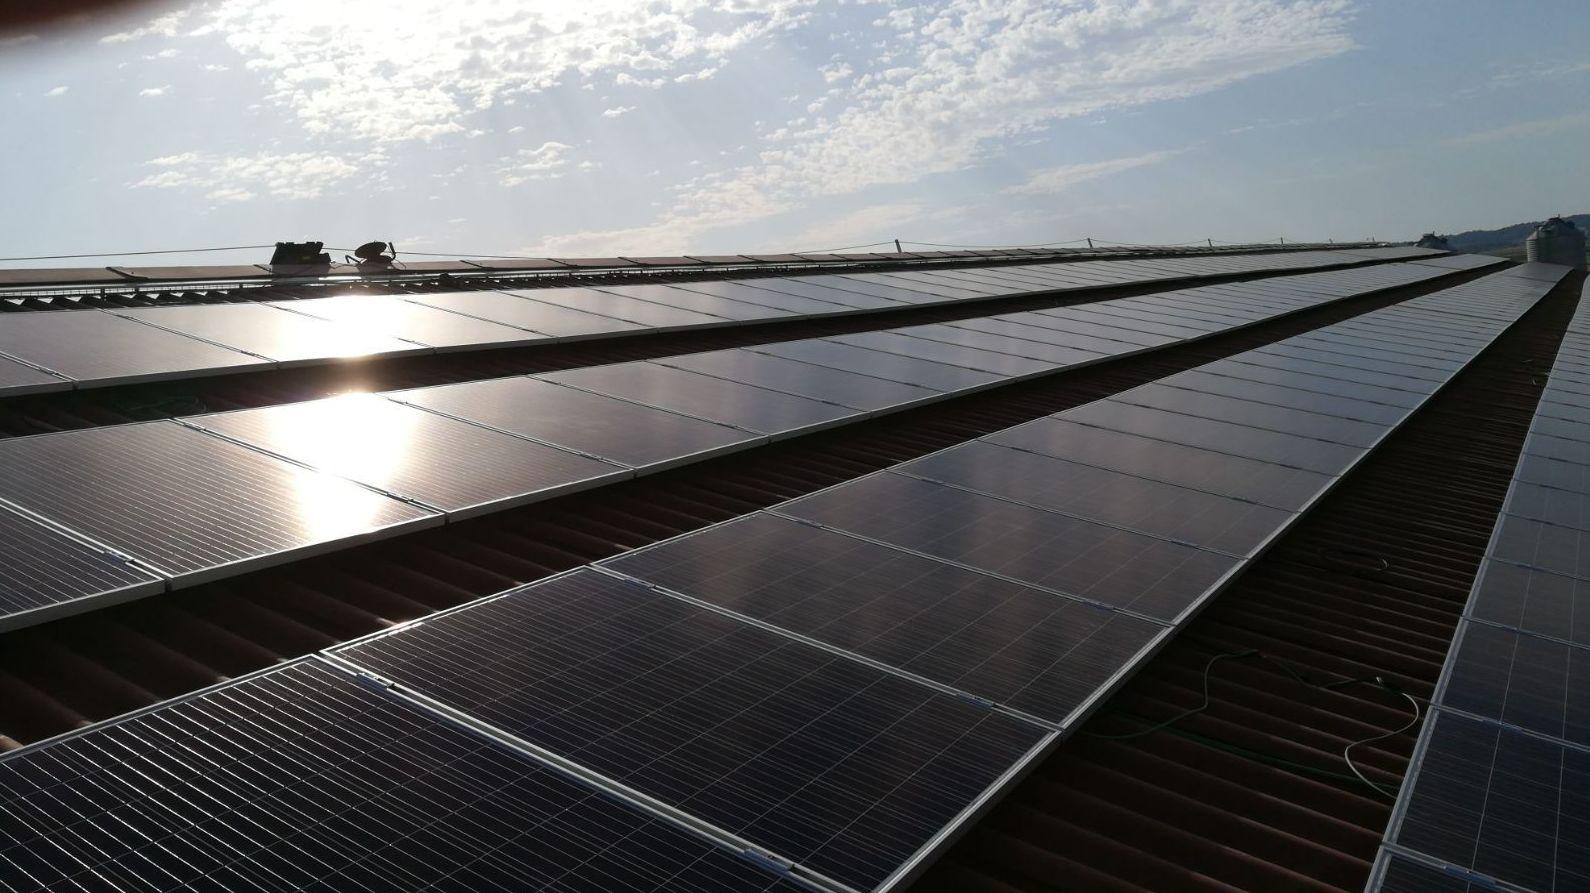 Energías renovables, instalación de fotovoltaica para autoconsumo en granja Grupo Obanos Navarra